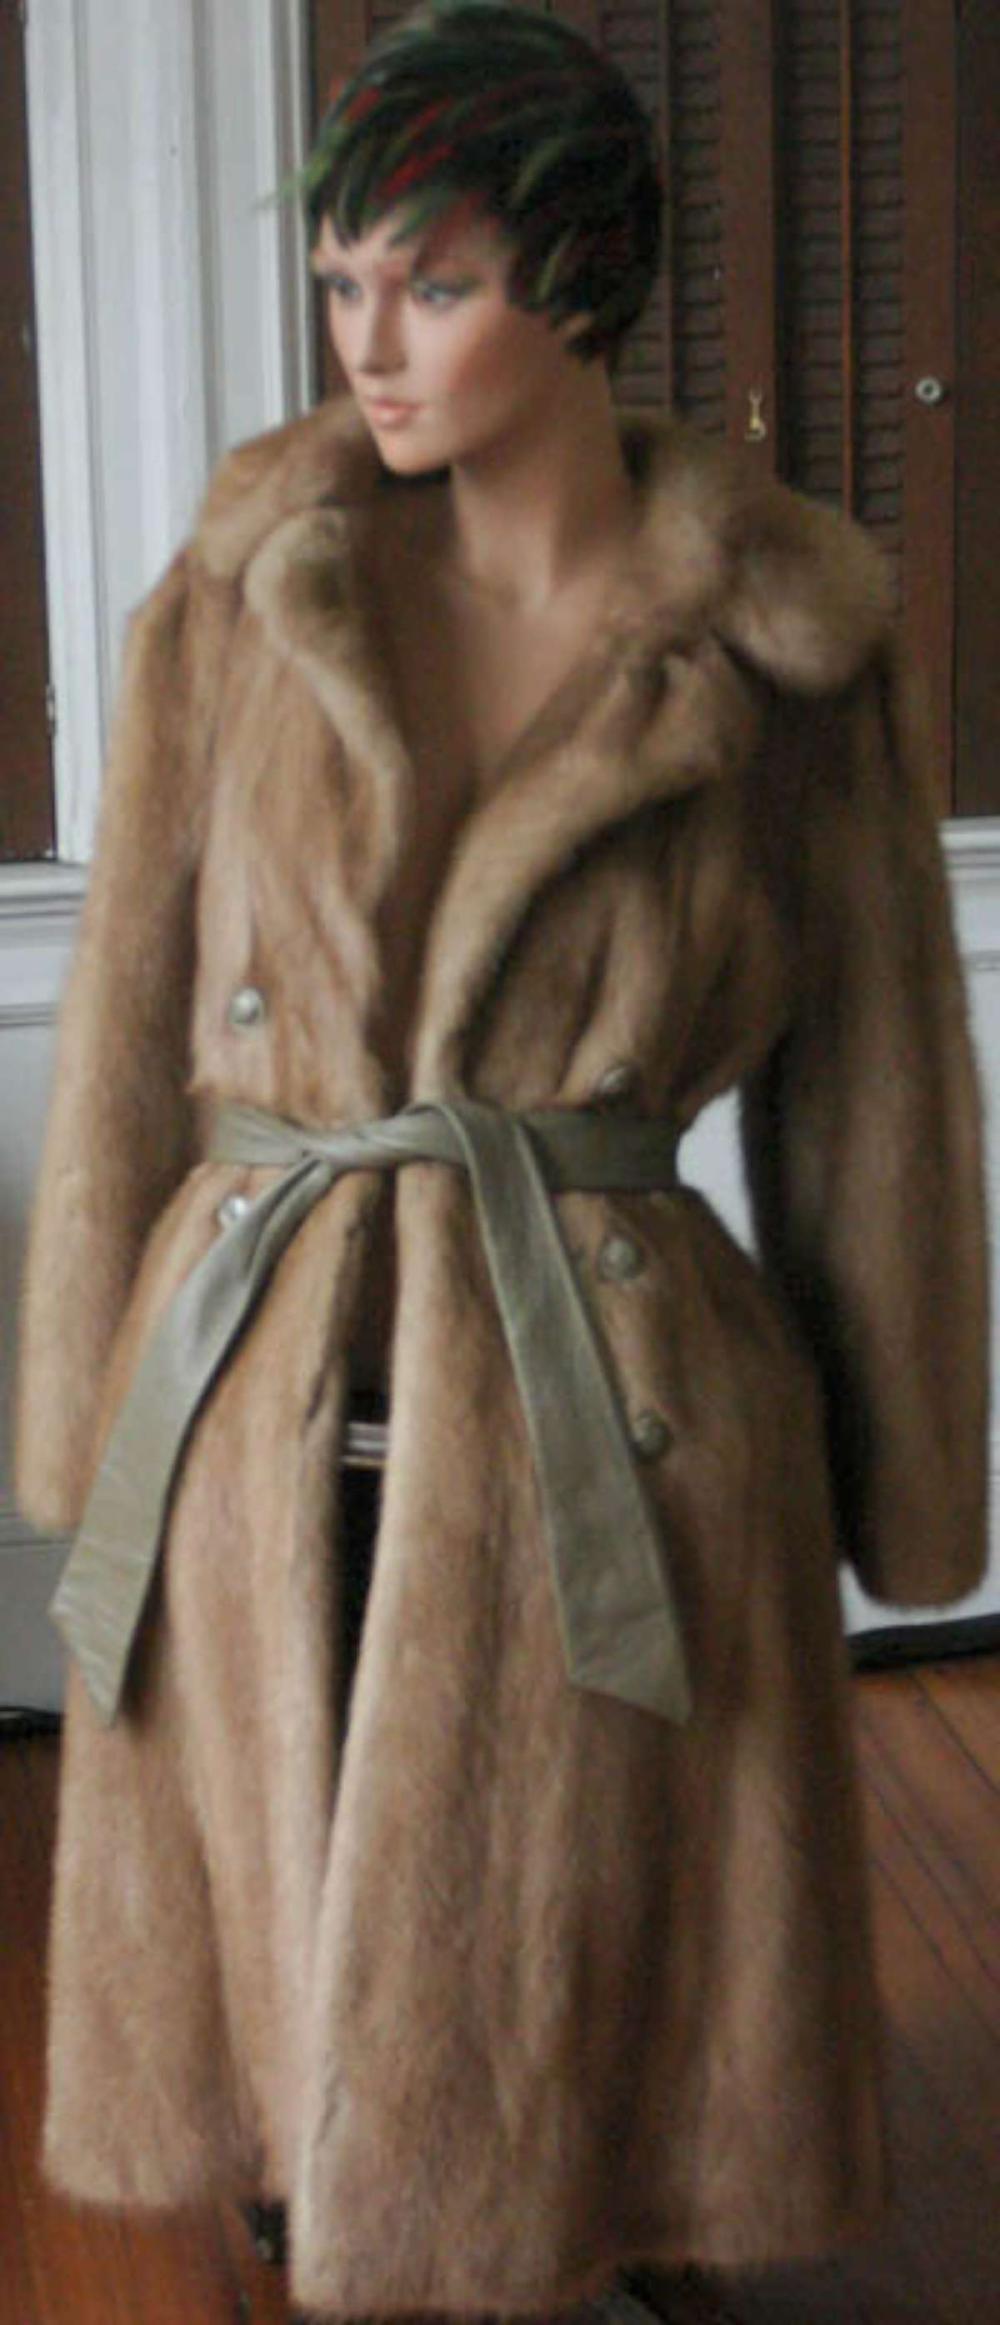 Mink Coat Value >> Vintage Ladies Fur Coat By Gimbels Fur Salon